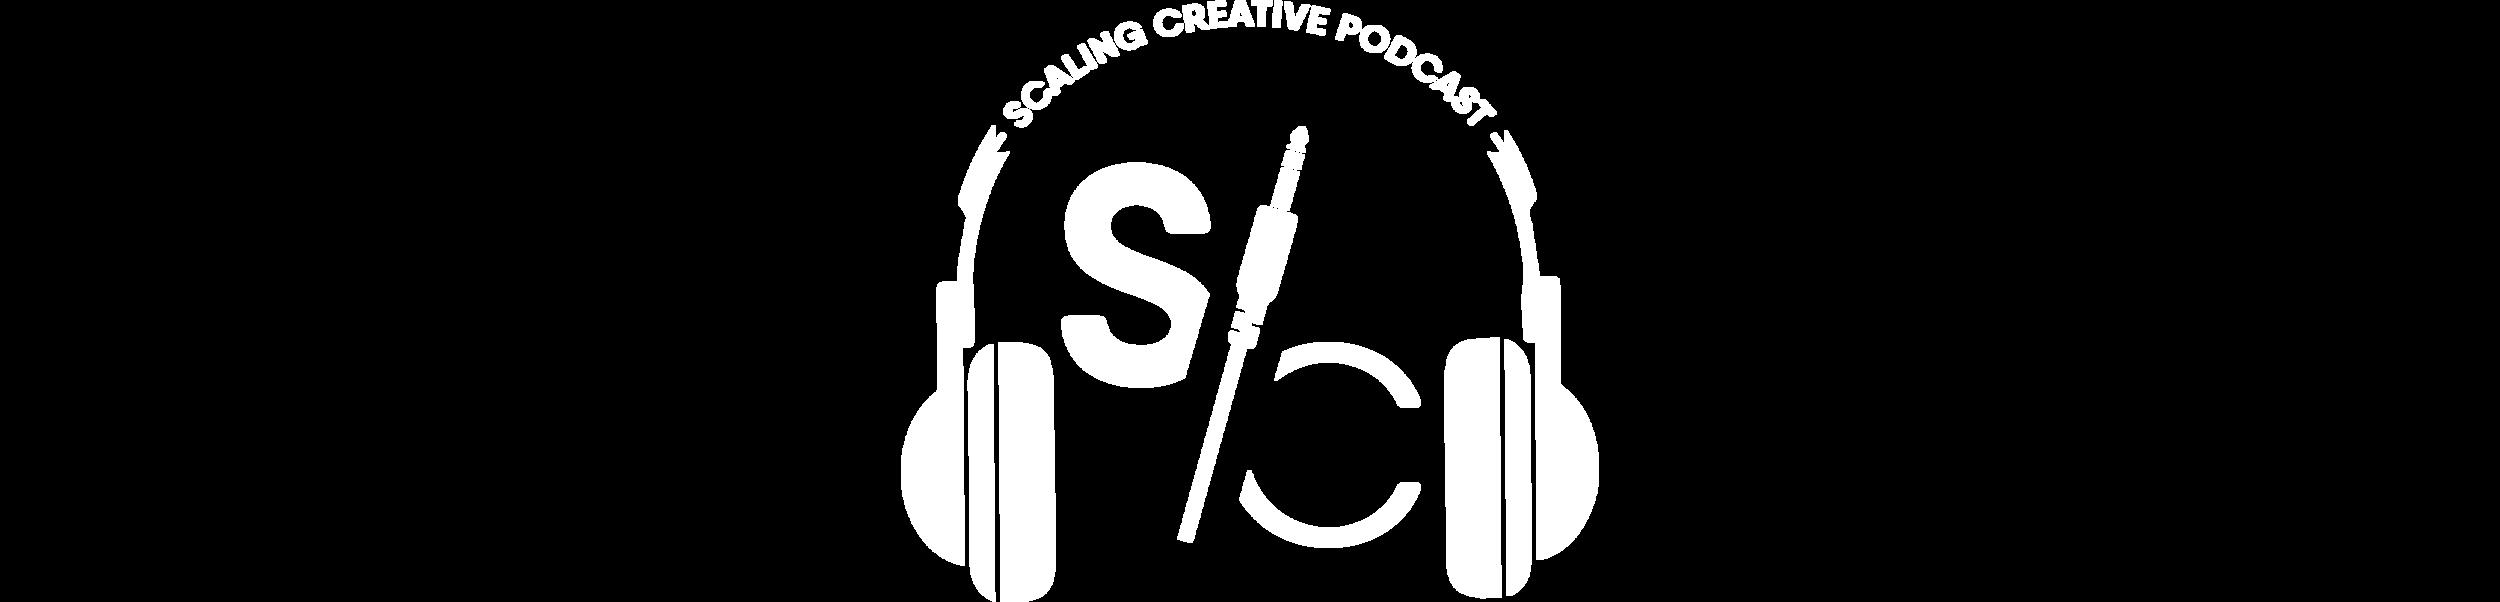 Header-SC-Podcast-White.png